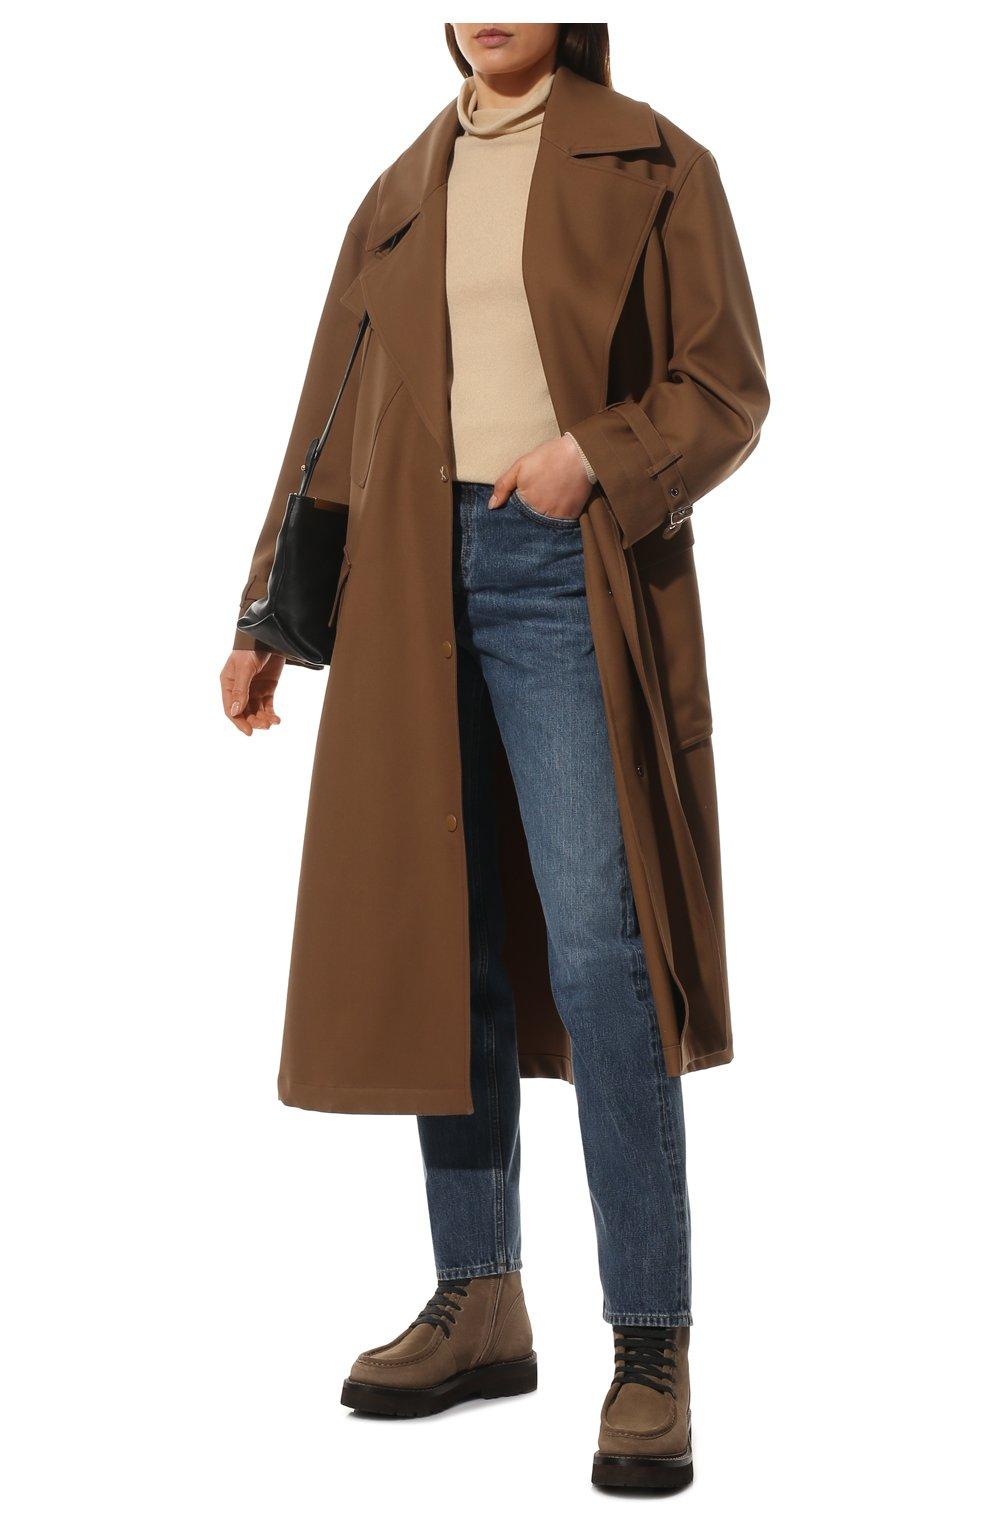 Женские замшевые ботинки BRUNELLO CUCINELLI коричневого цвета, арт. MZSFG2114 | Фото 2 (Подошва: Платформа; Материал утеплителя: Натуральный мех; Каблук высота: Низкий; Женское Кросс-КТ: Военные ботинки, Зимние ботинки; Материал внешний: Замша)